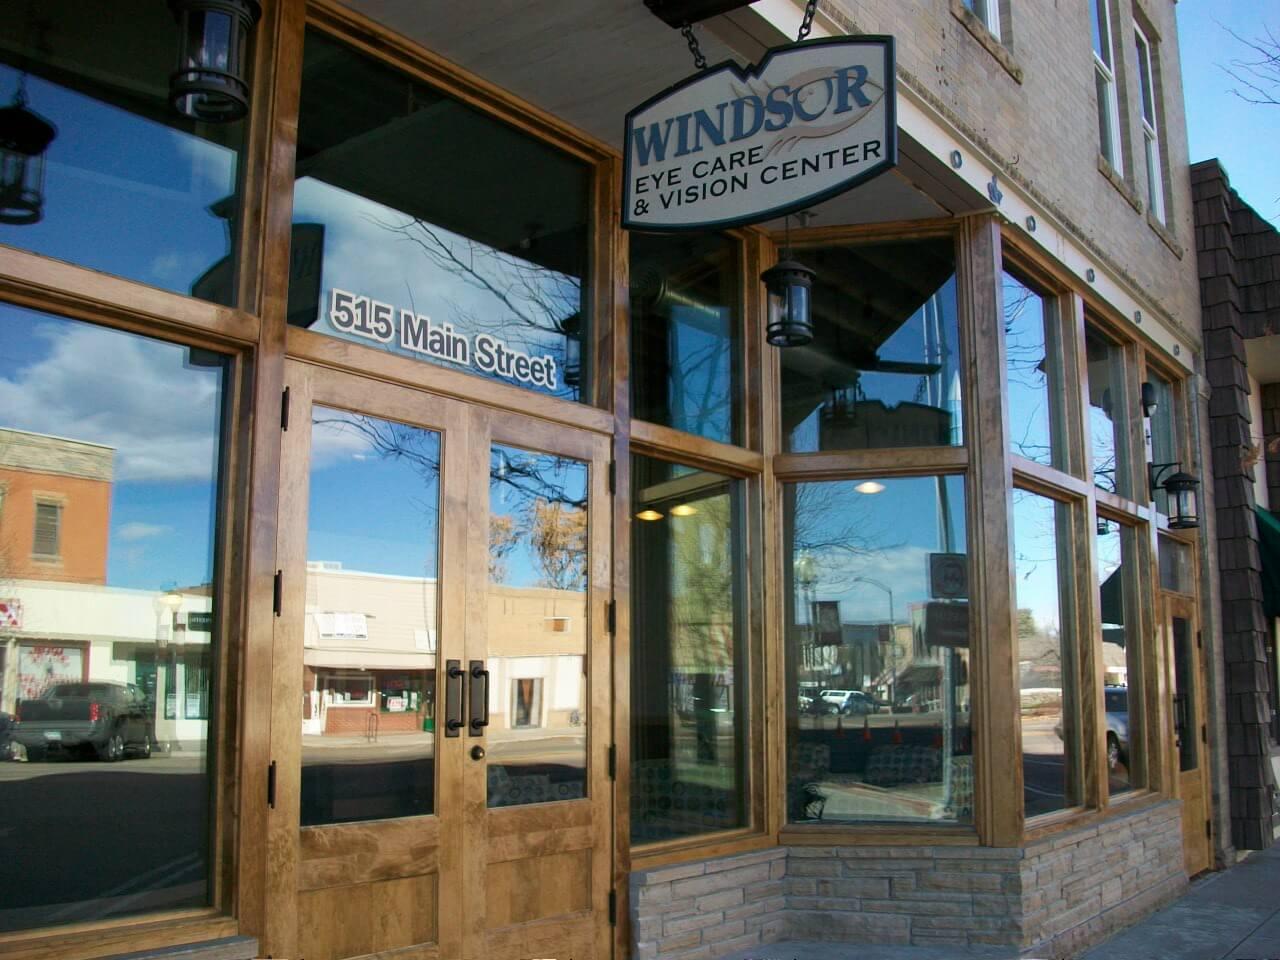 outside windsor eye care & vision center